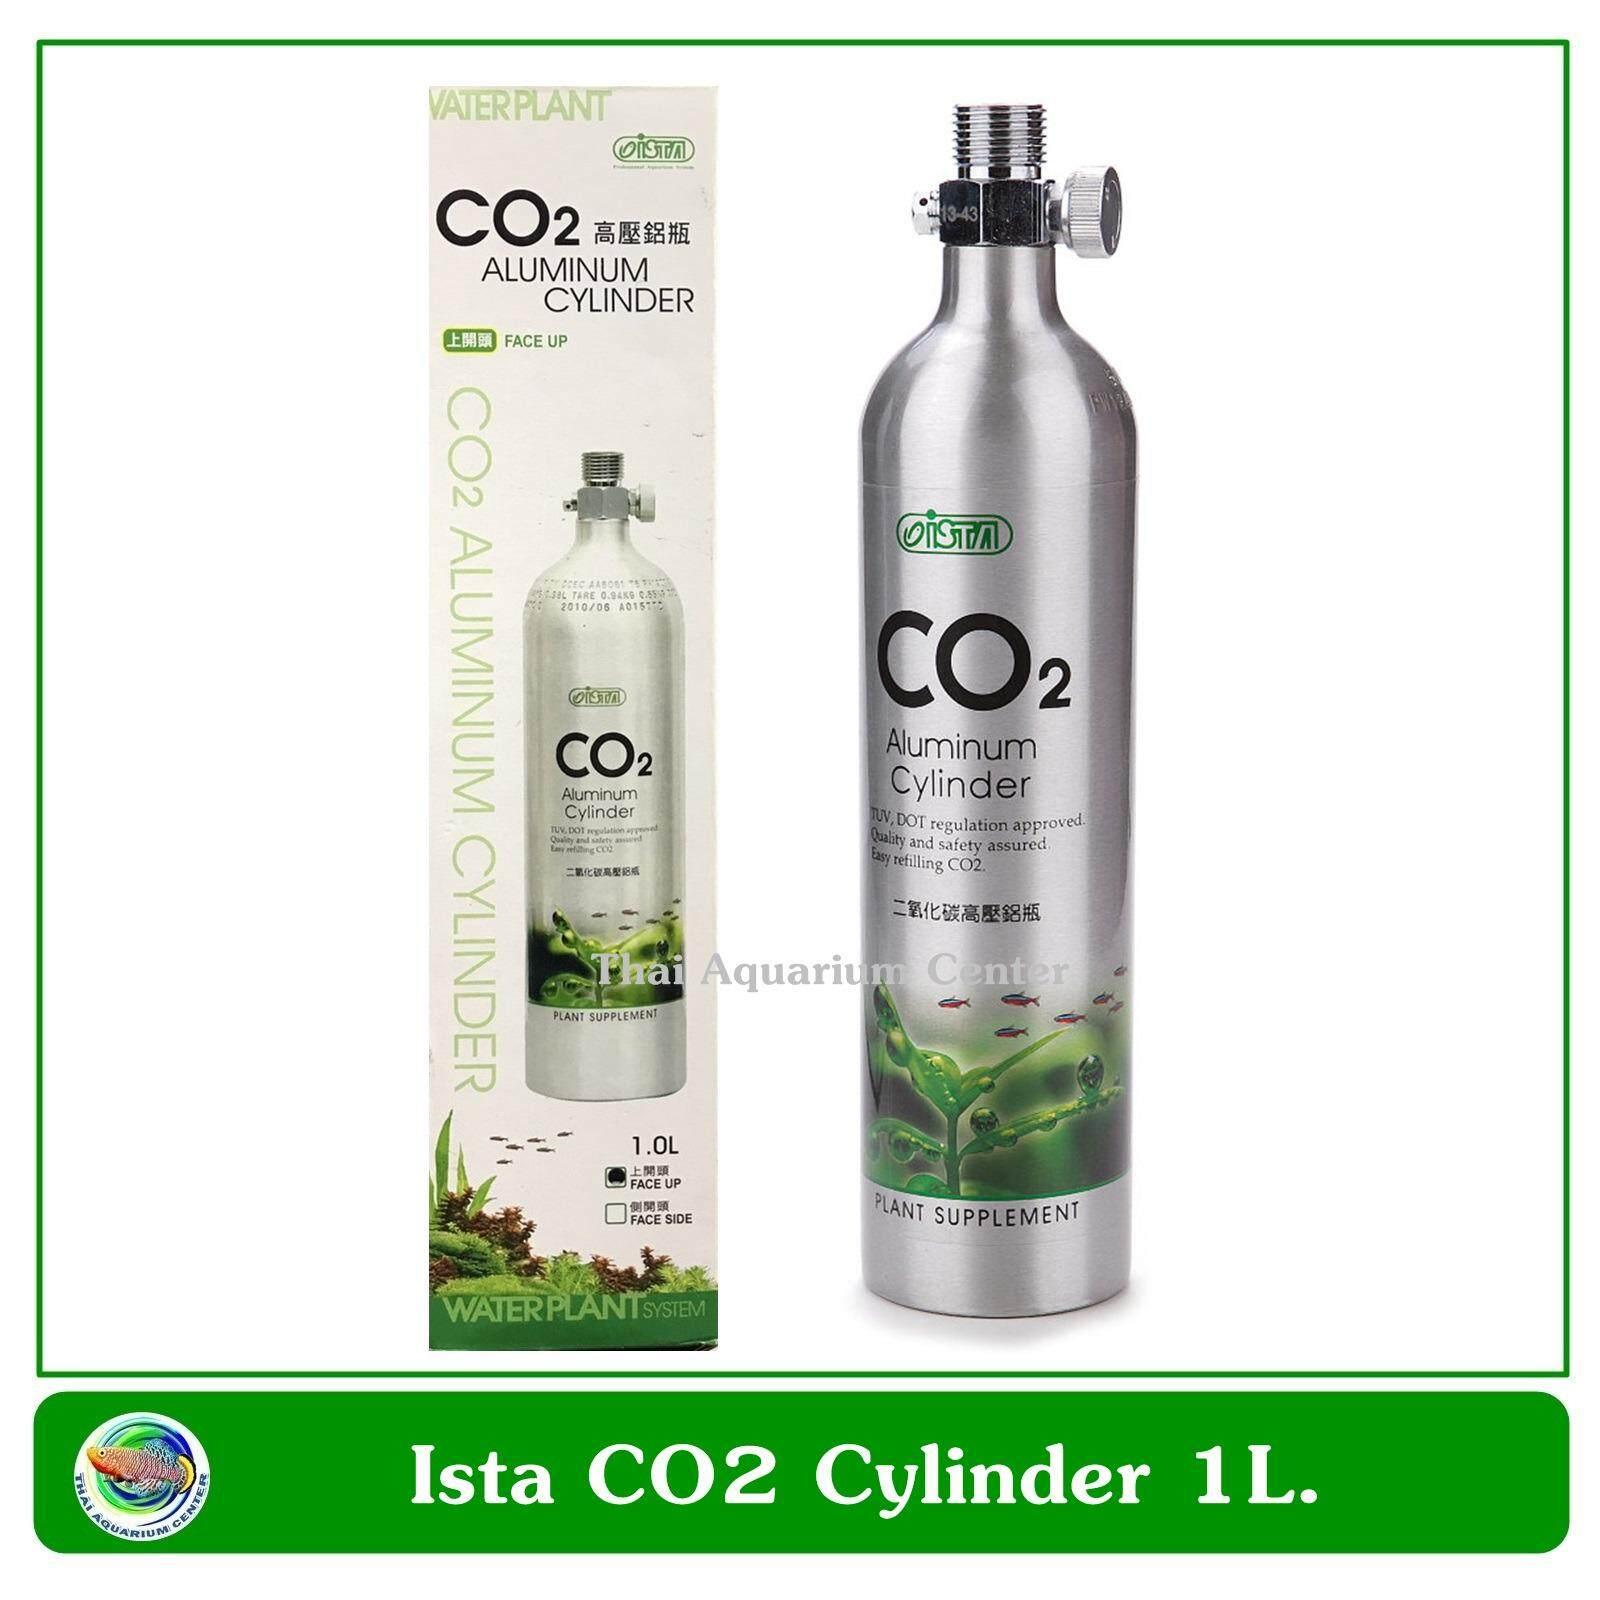 ถังคาร์บอน ISTA Aluminium Cylinder ขนาด 1ลิตร